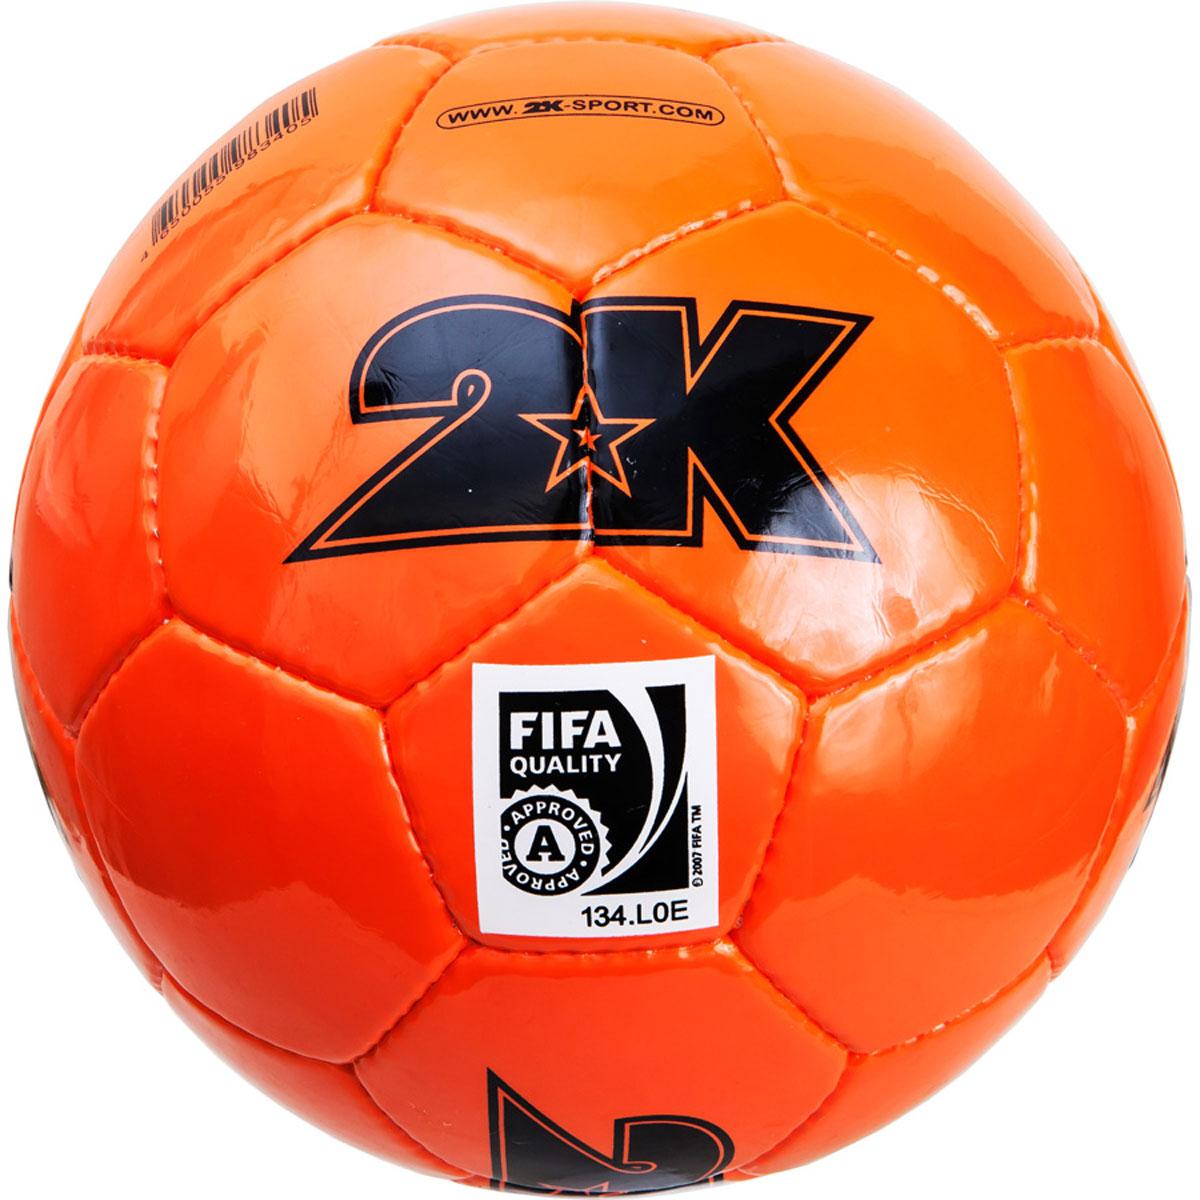 Мяч футбольный 2K Sport Elite, цвет: оранжевый, черный. Размер 5 ледянка sport elite 32см эконом